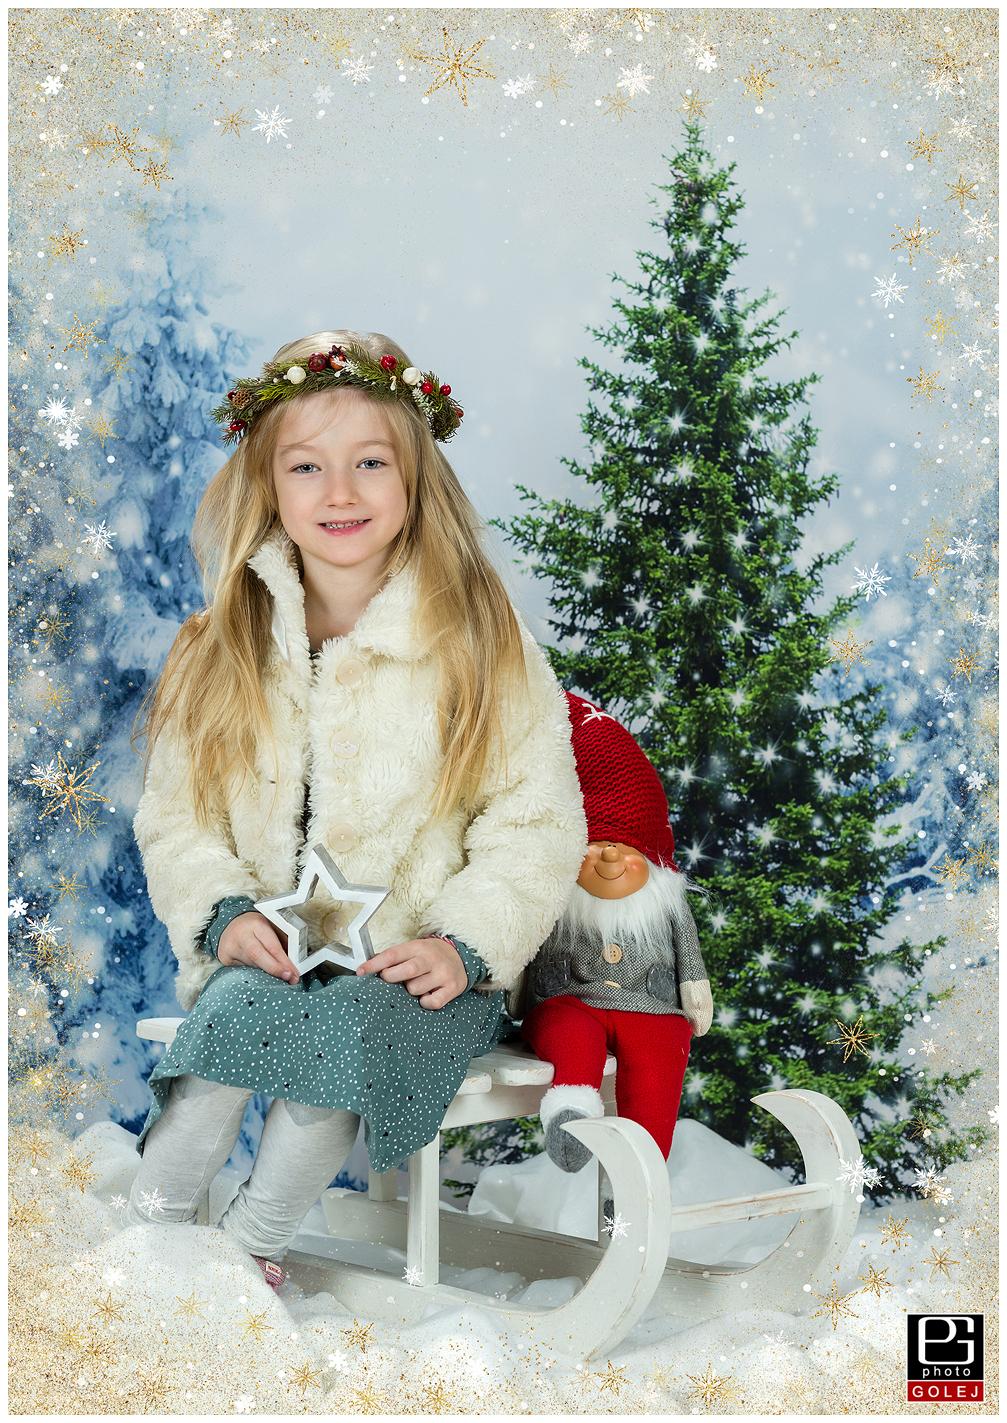 Krásne Vianočné fotky